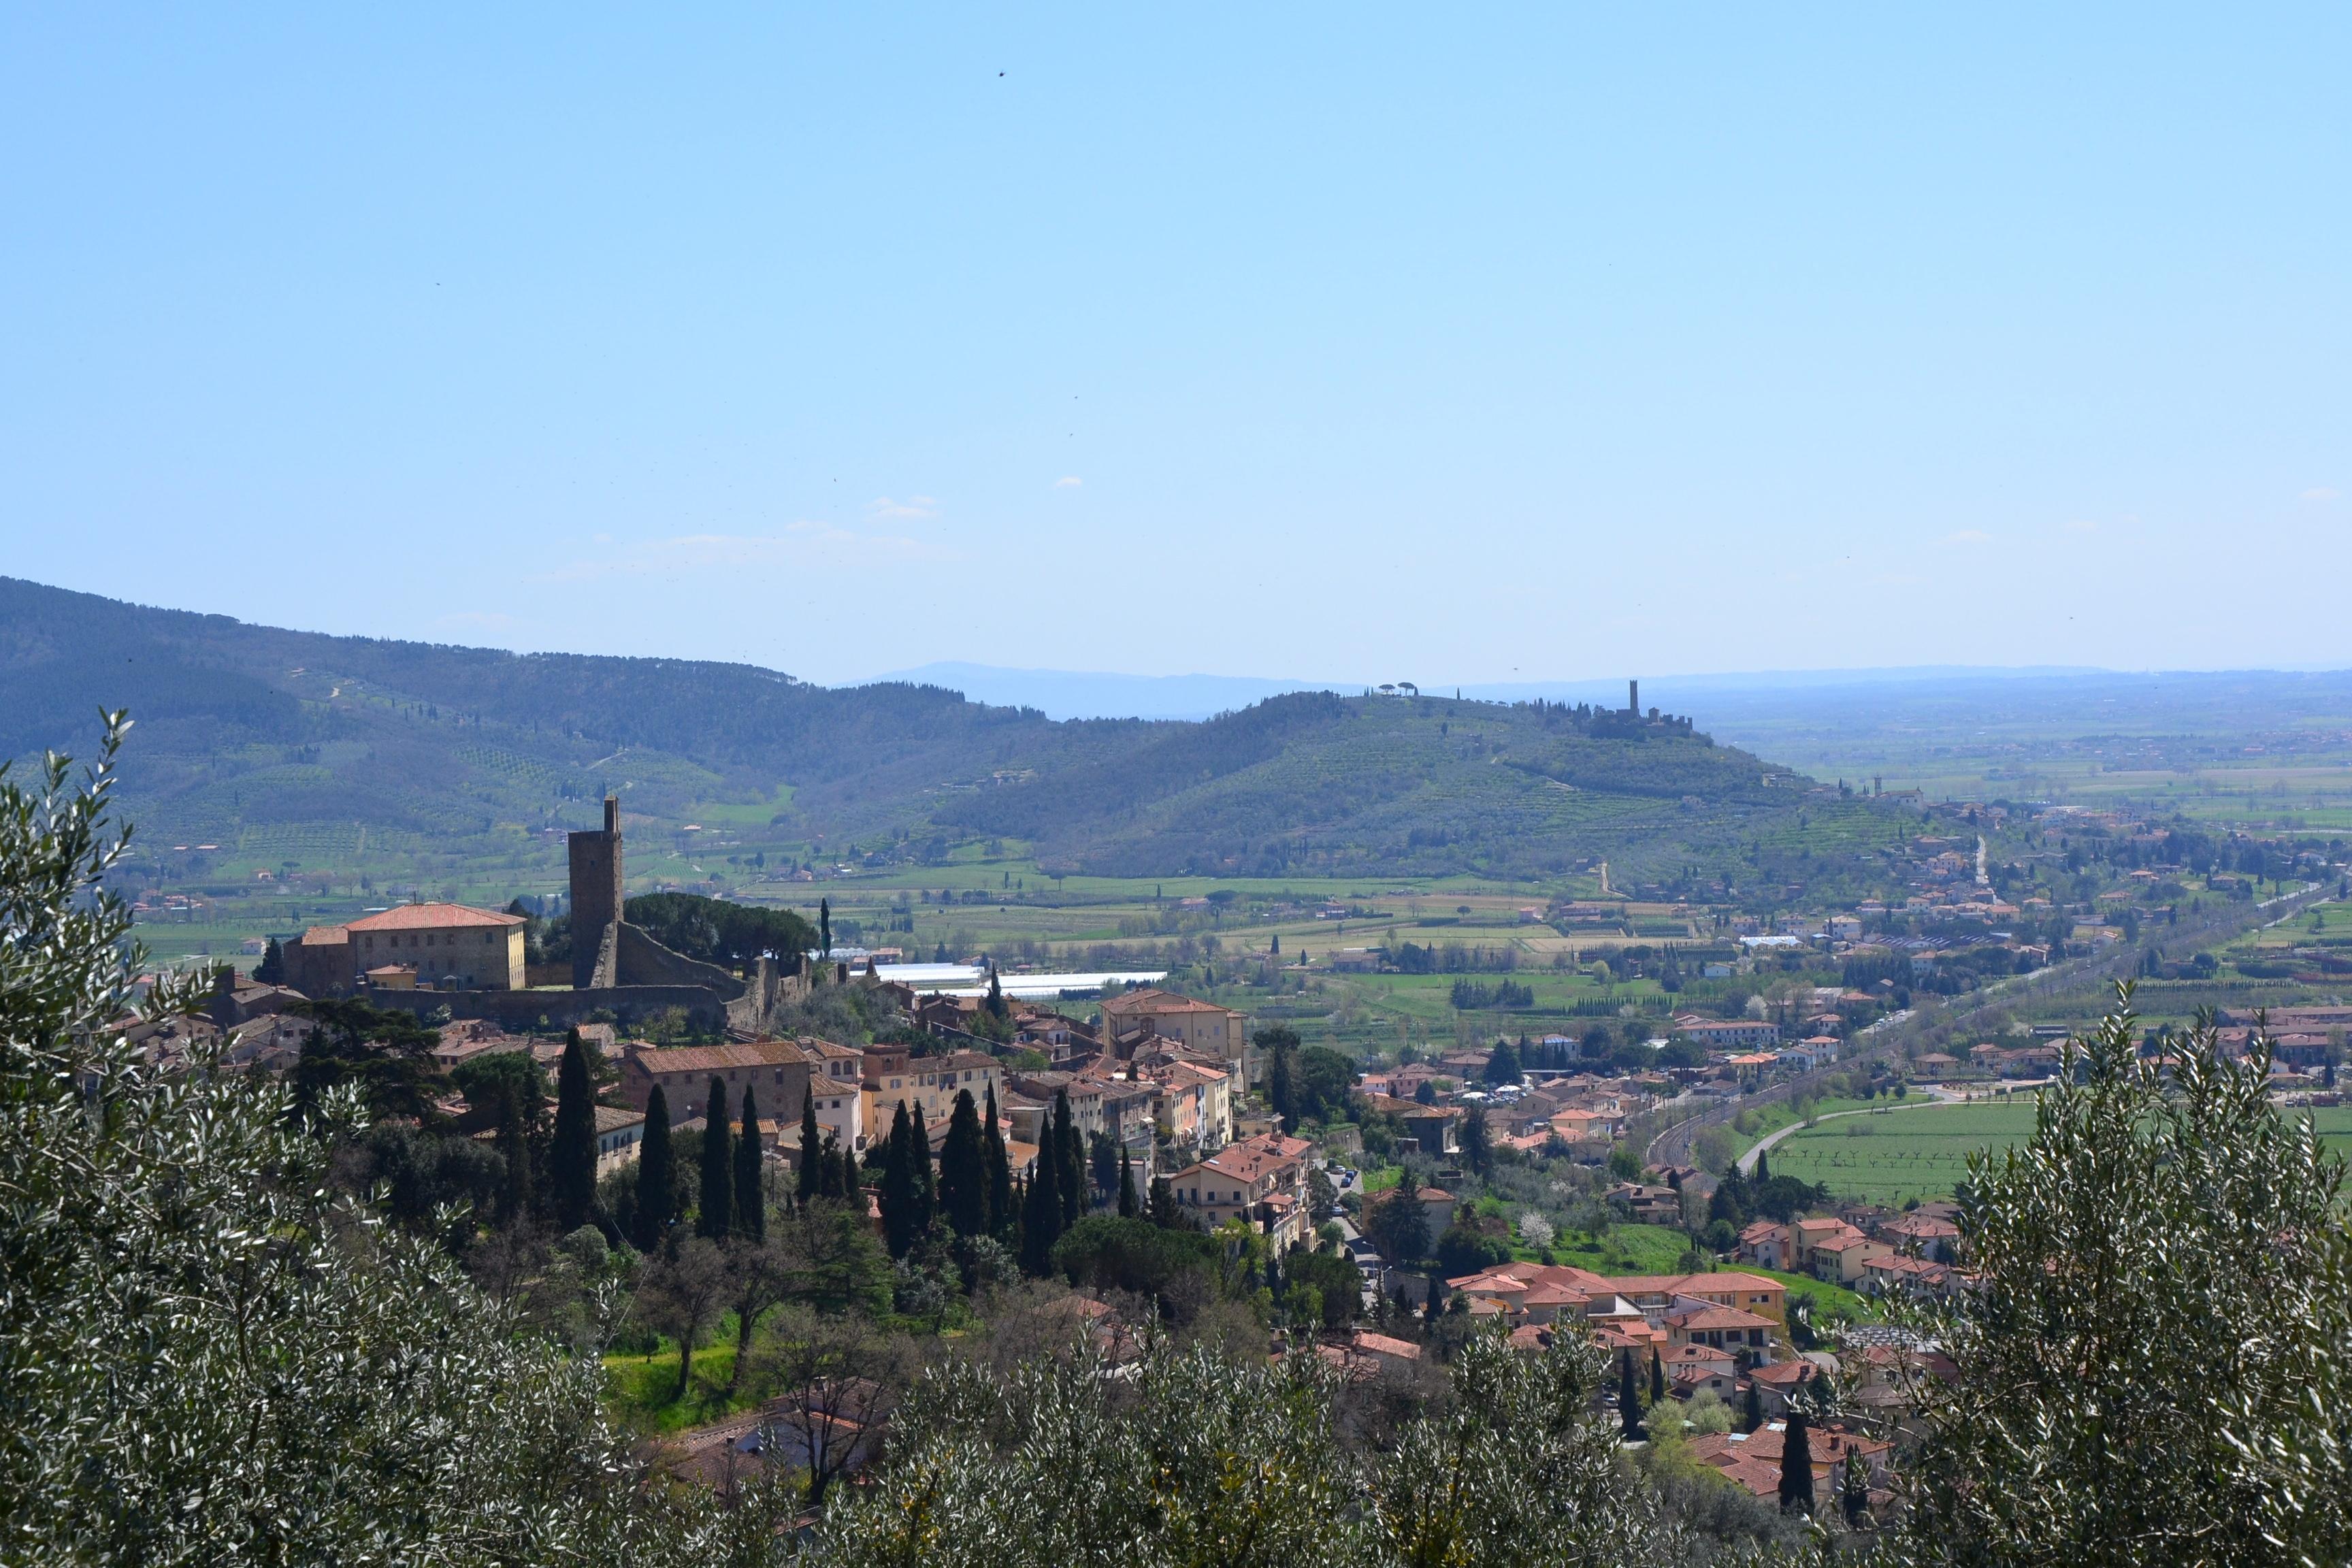 Turismo a Castiglion Fiorentino, stranieri in forte aumento